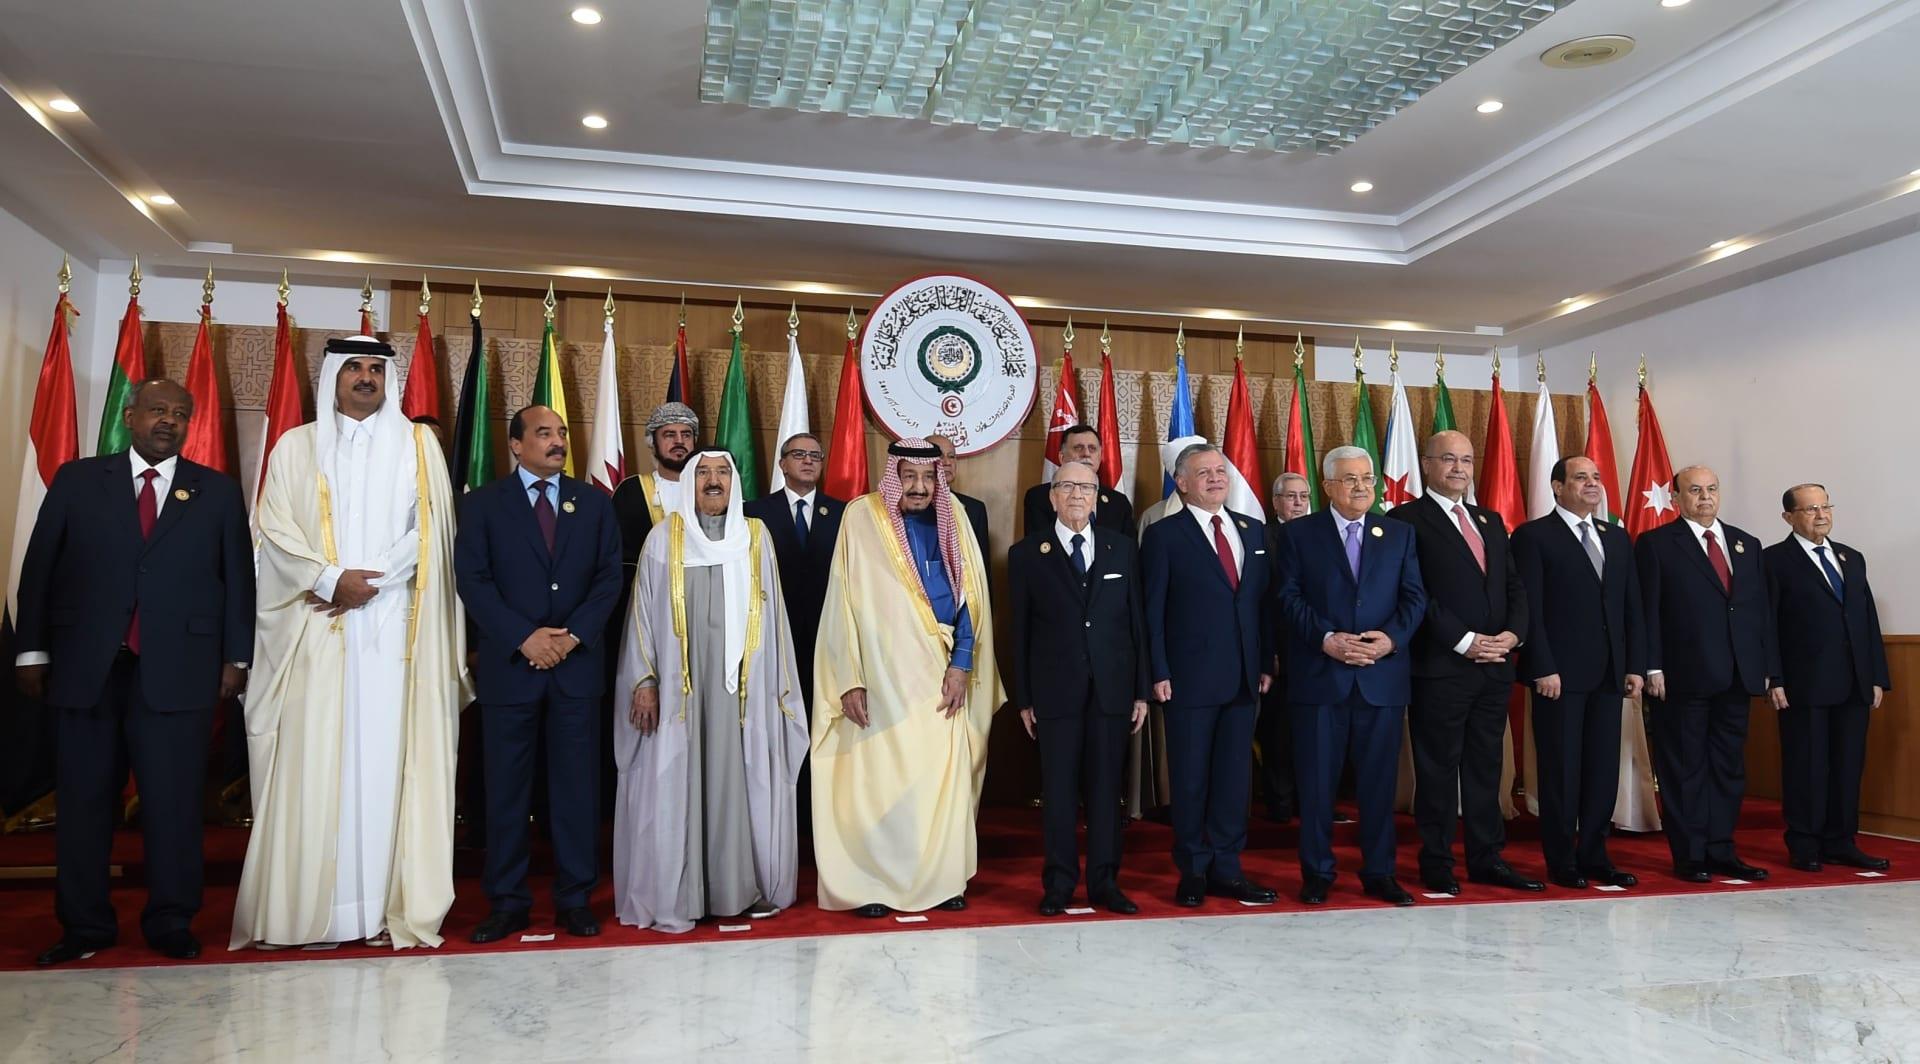 الرئاسة التونسية: لم نتفاجأ بمغادرة أمير قطر القمة العربية والسيسي حضر إكراما للسبسي